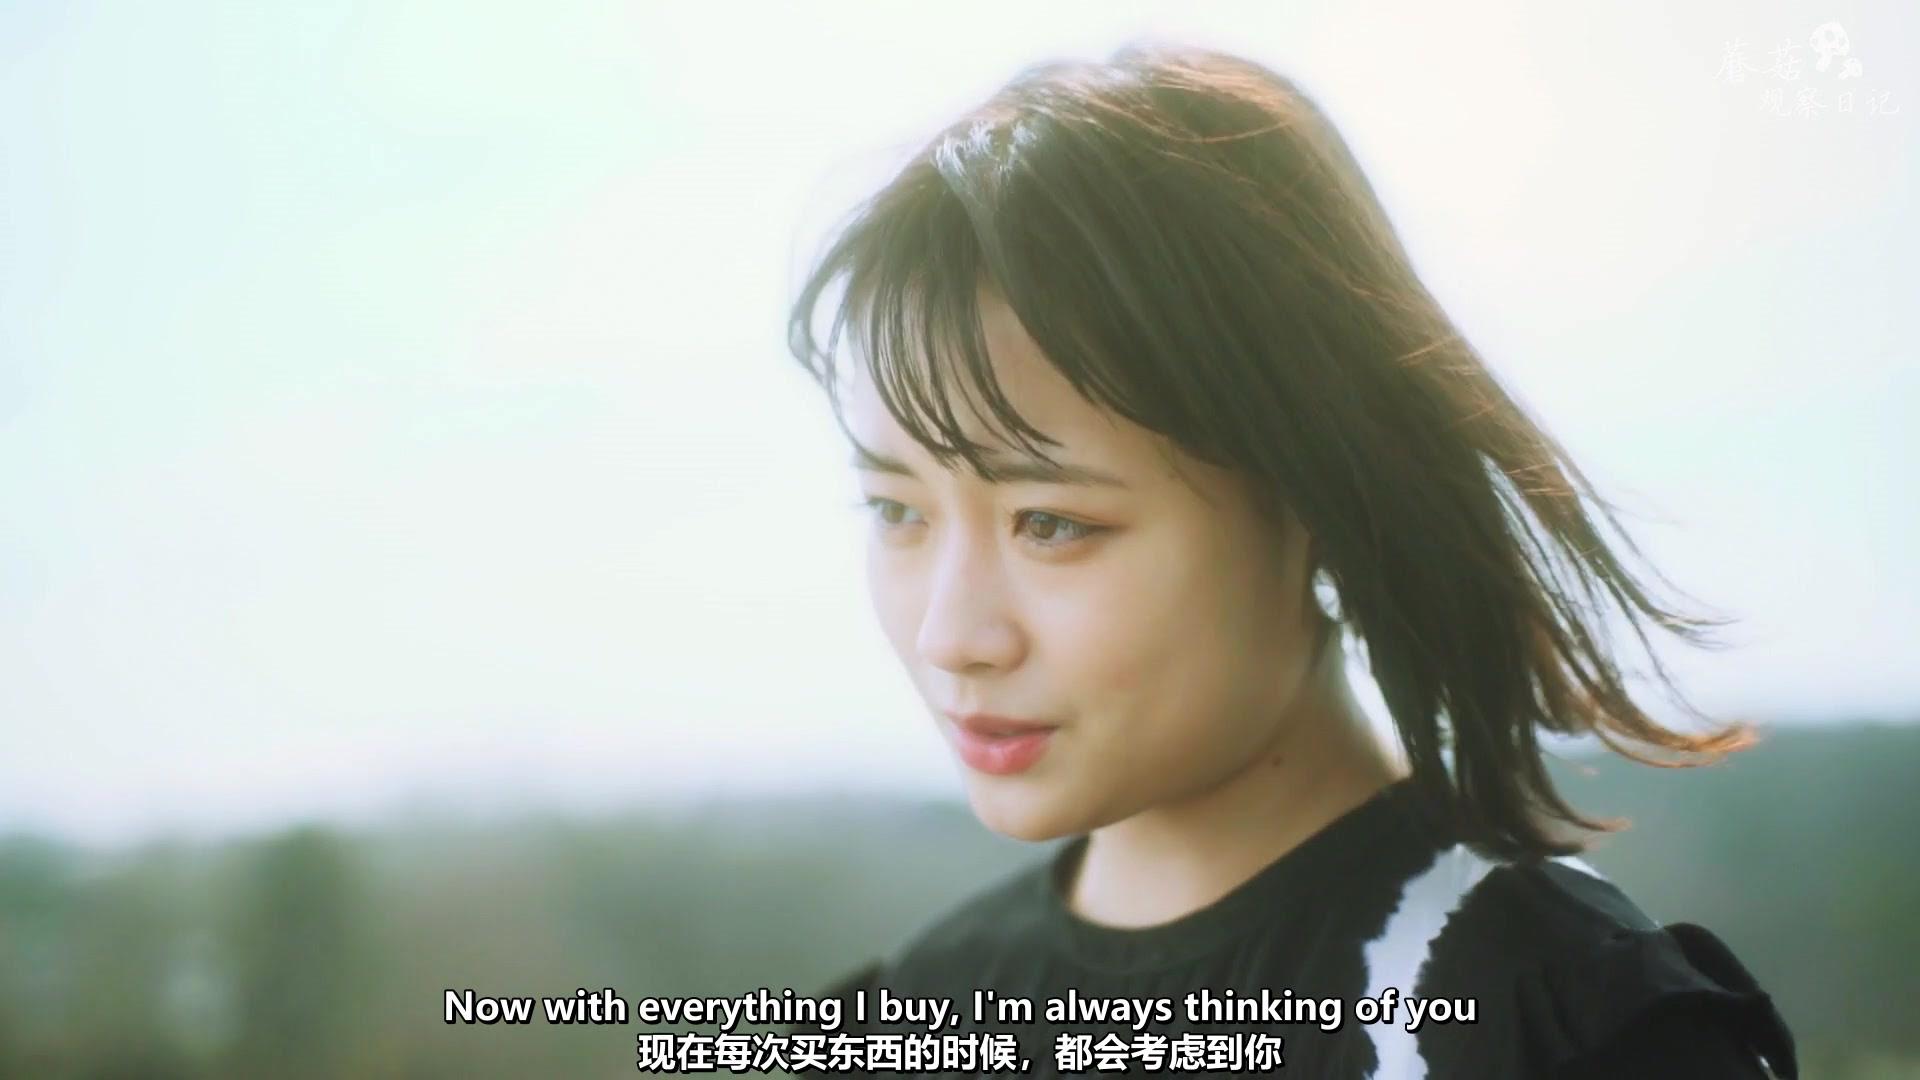 大原櫻子 泣きたいくらい 英 中字幕 哔哩哔哩 つロ干杯